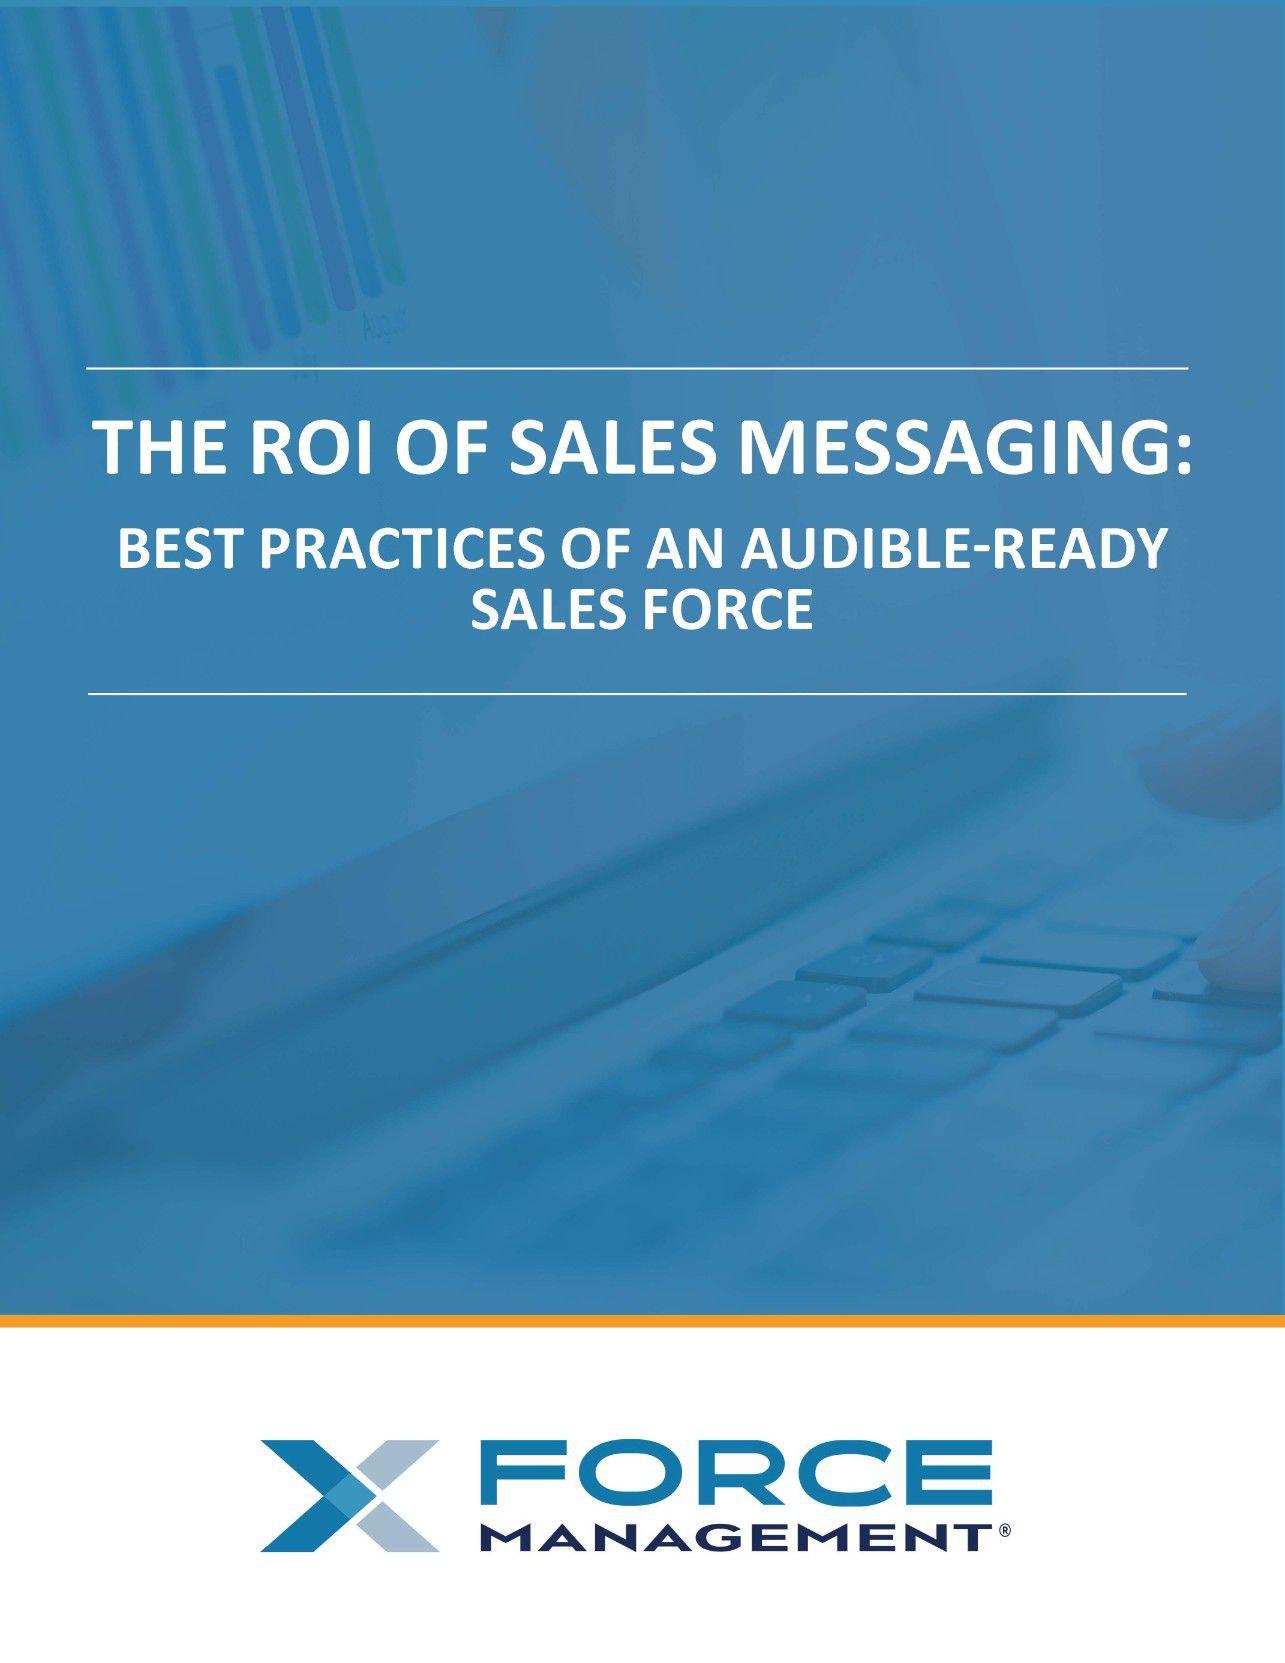 ROI-Sales-Messaging IMAGE.jpg